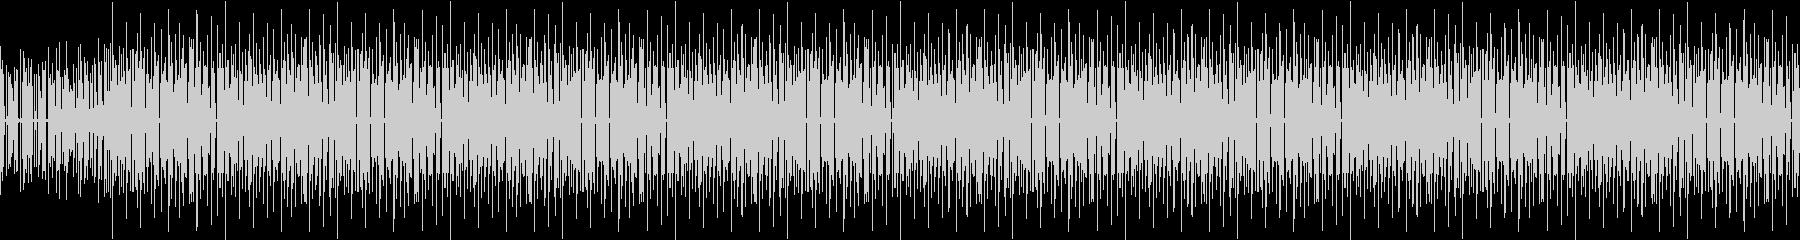 【BGM】ジャズ・カフェ・お洒落・レトロの未再生の波形